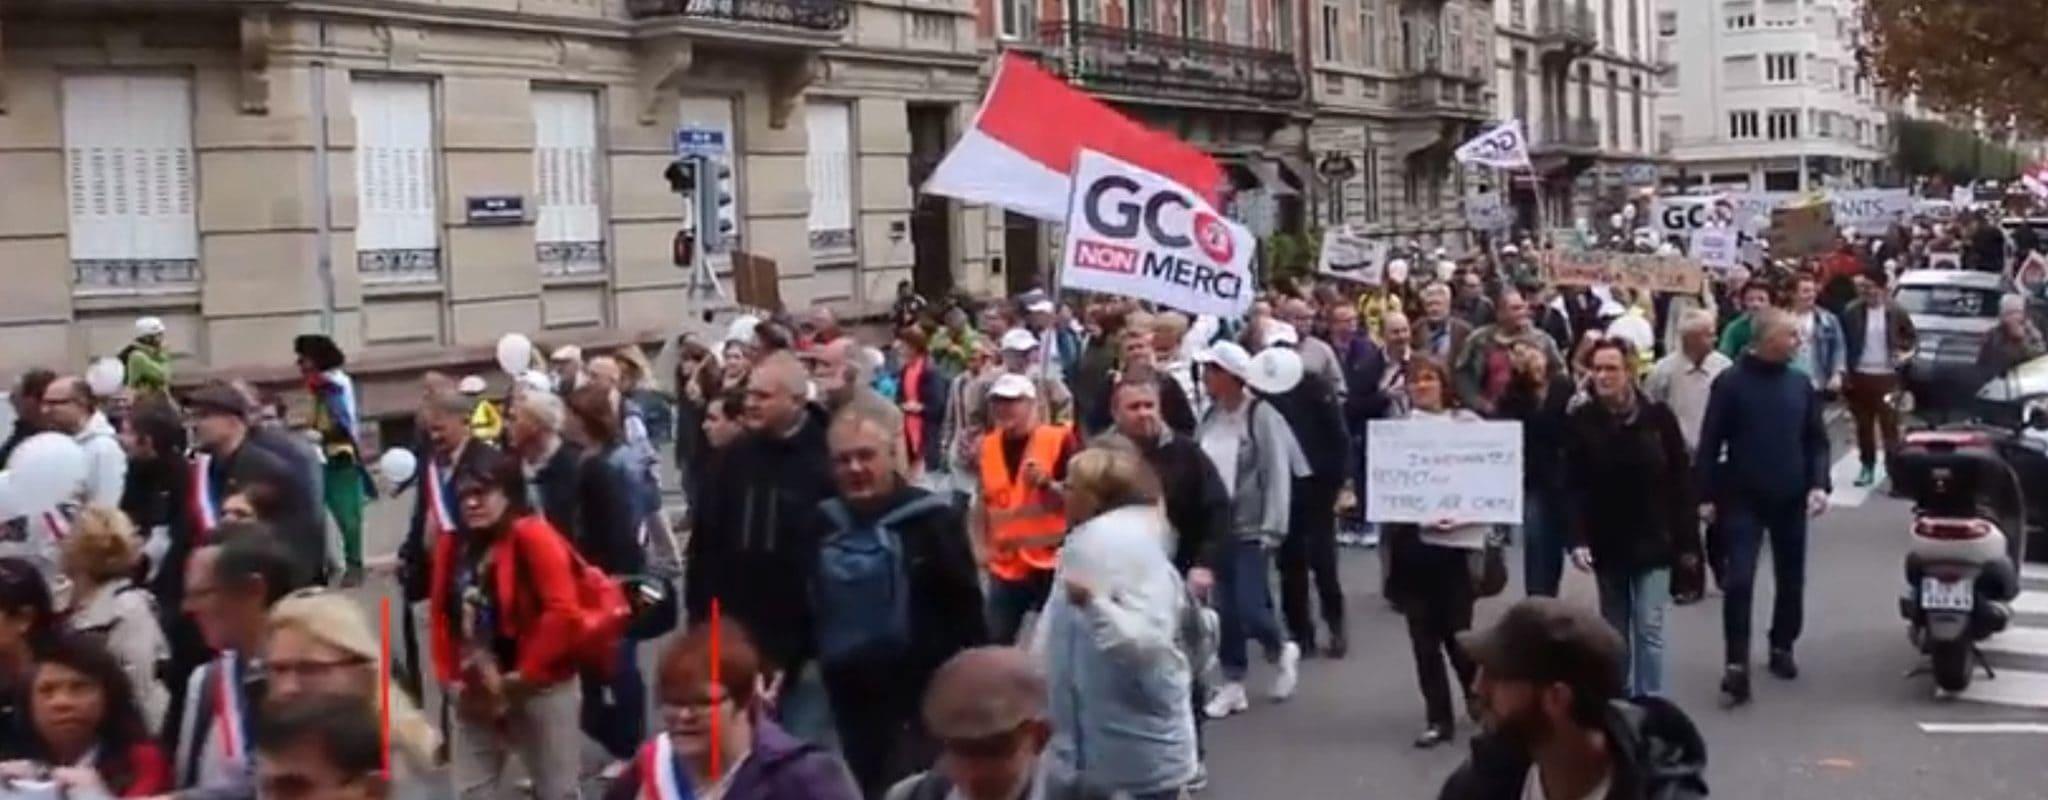 Manifestation de la dernière chance contre le GCO samedi à Strasbourg